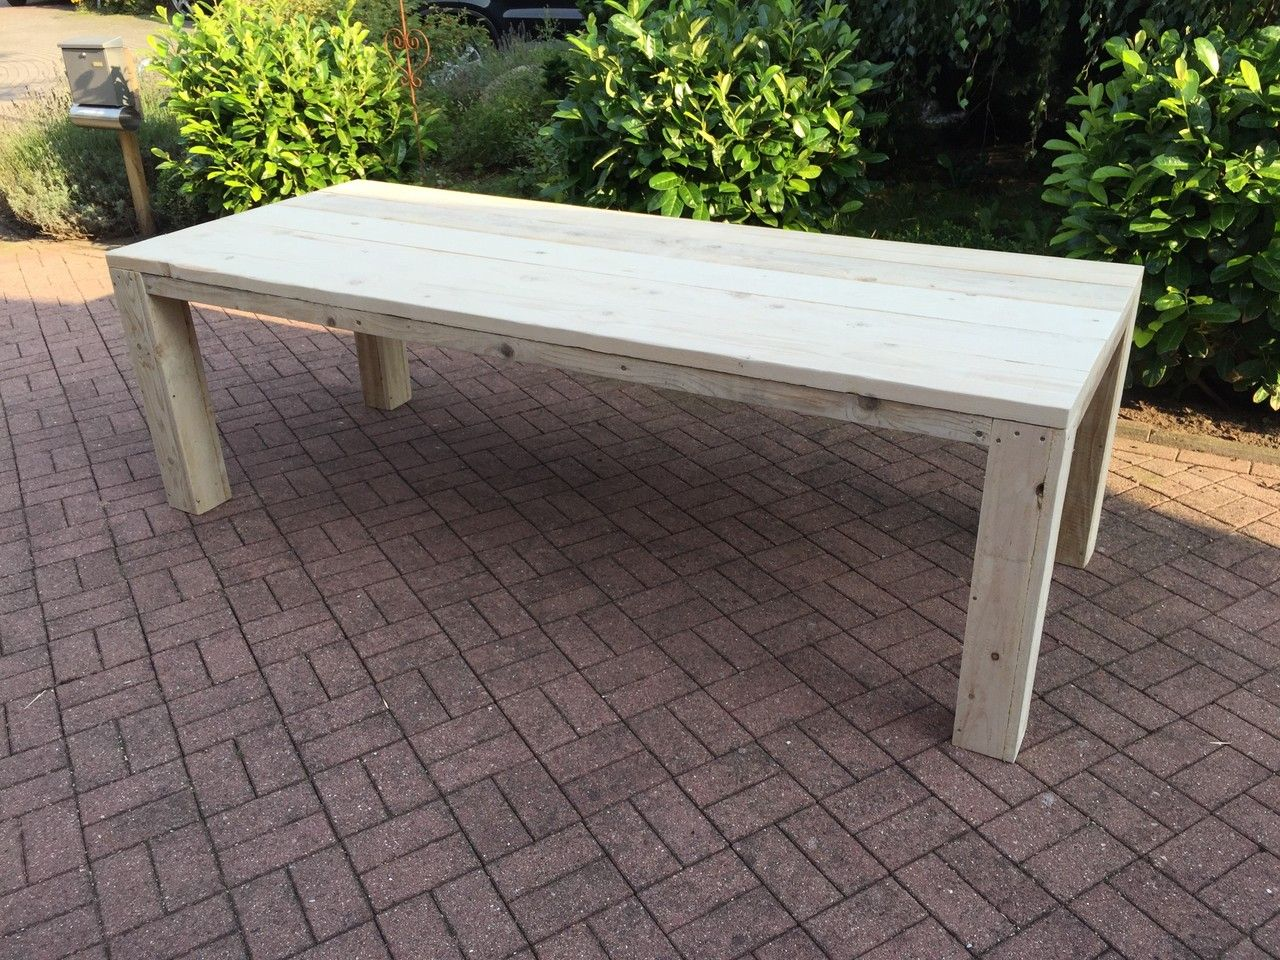 Stylische Möbel aus gebrauchtem Bauholz für den Garten